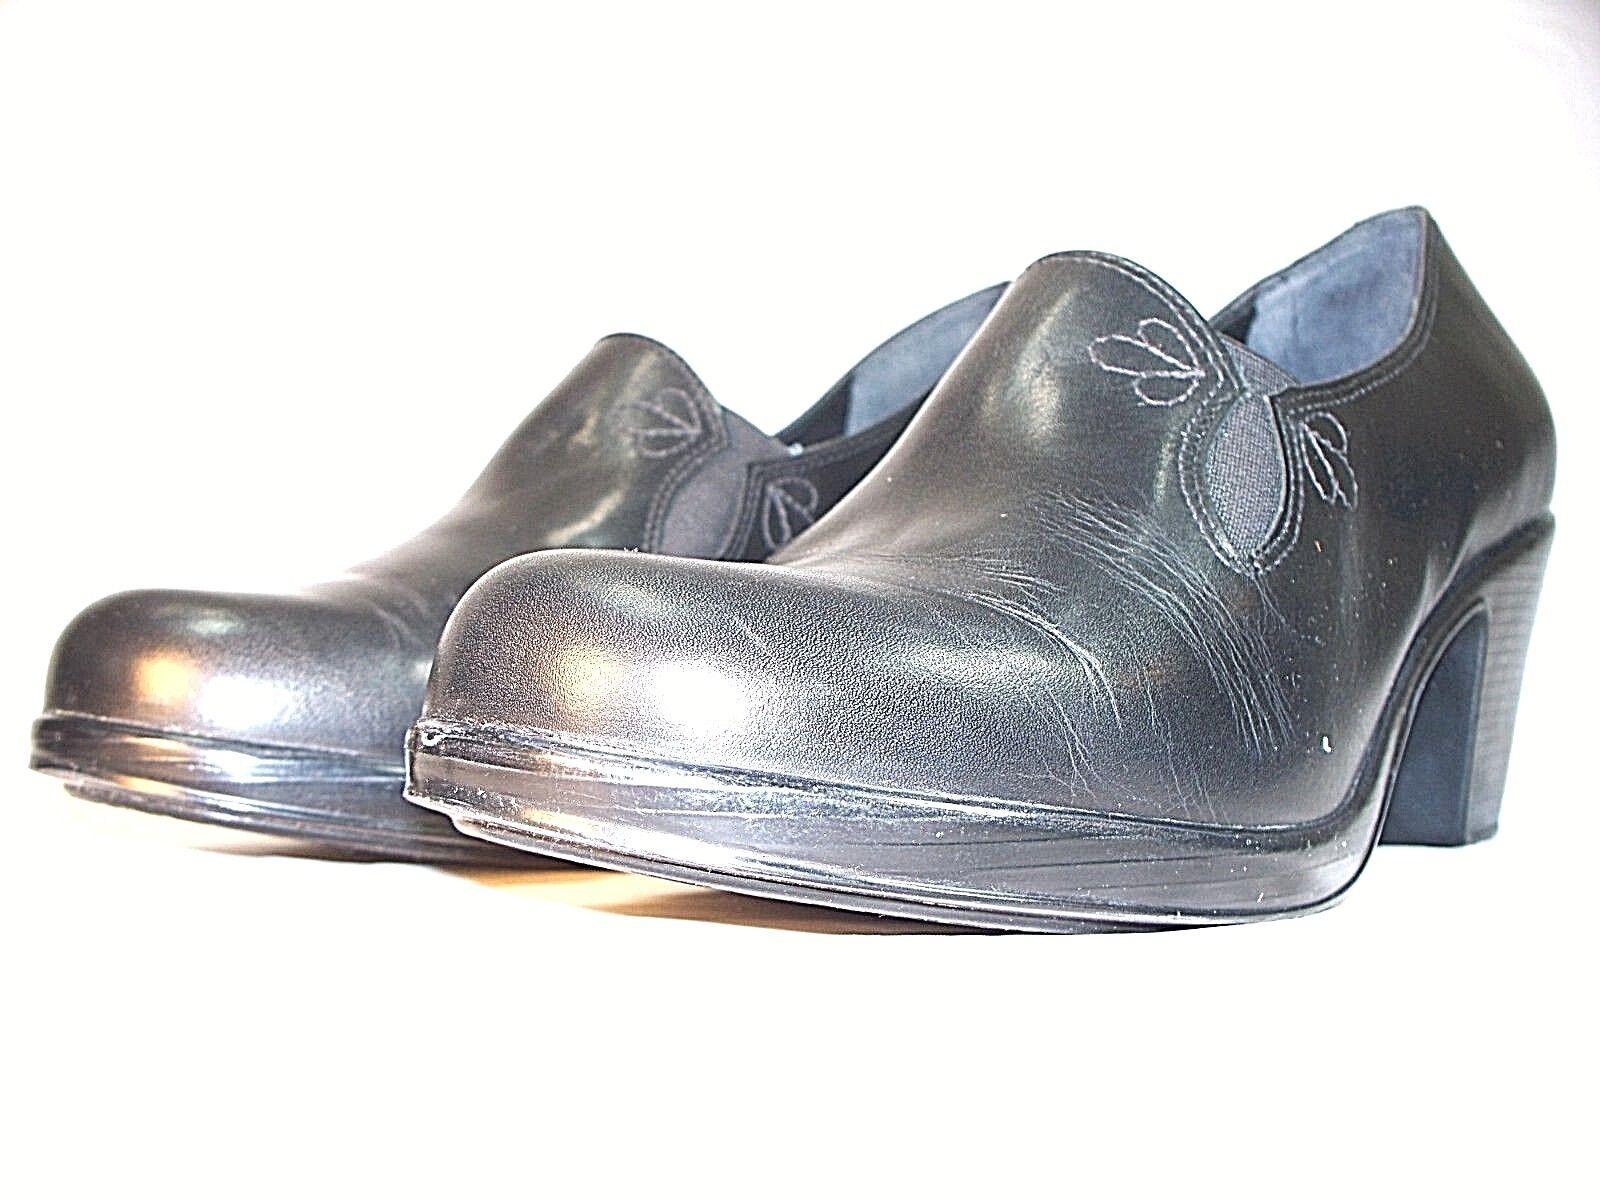 Dansko zapatos talla 10 41 euros euros euros bombas Negro Cuero Beth estilo 3303020200 Usado En Excelente Condición  barato y de alta calidad